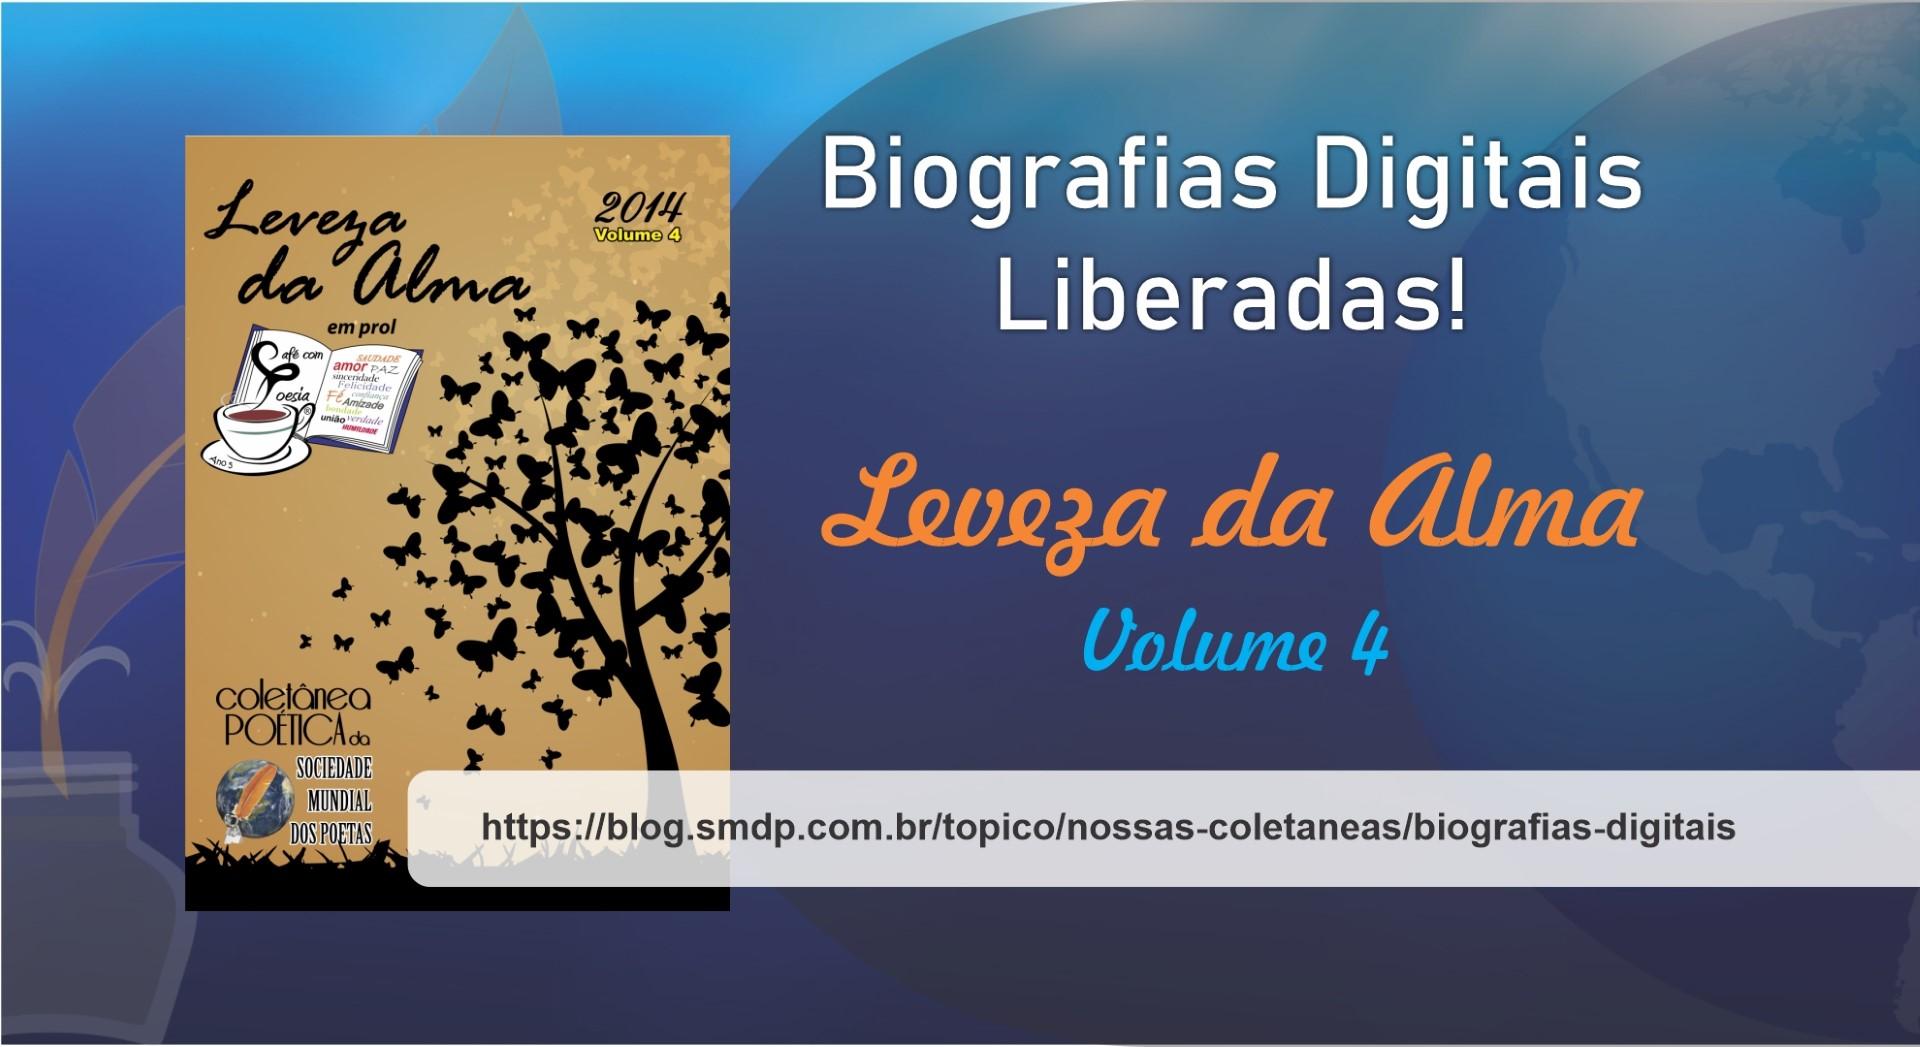 Biografias Digitais da Coletânea Leveza da Alma - Volume 04